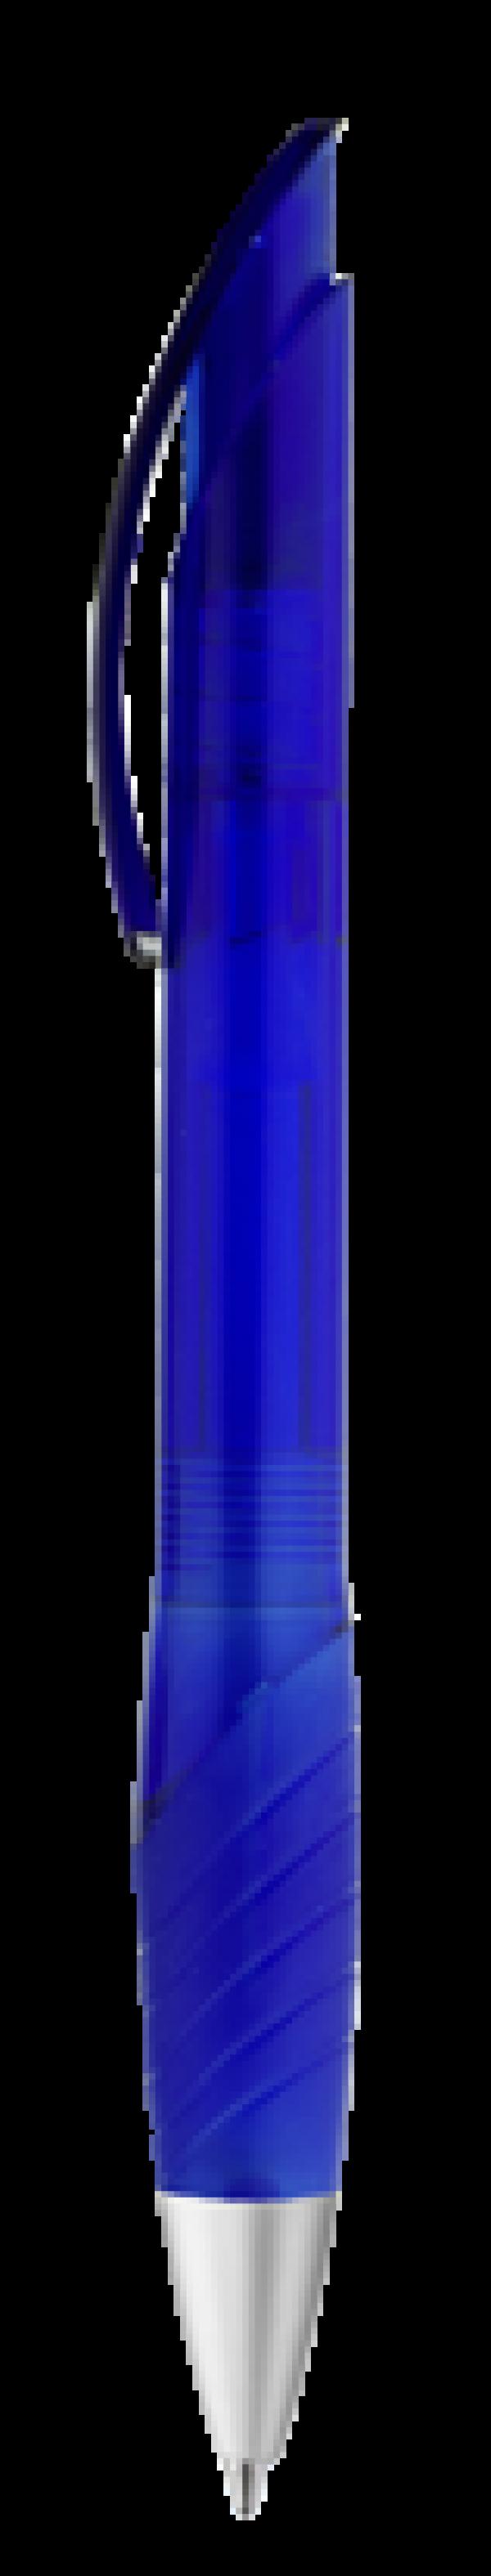 Шариковая ручка 0-0090 T-SM X-DREAM transparent